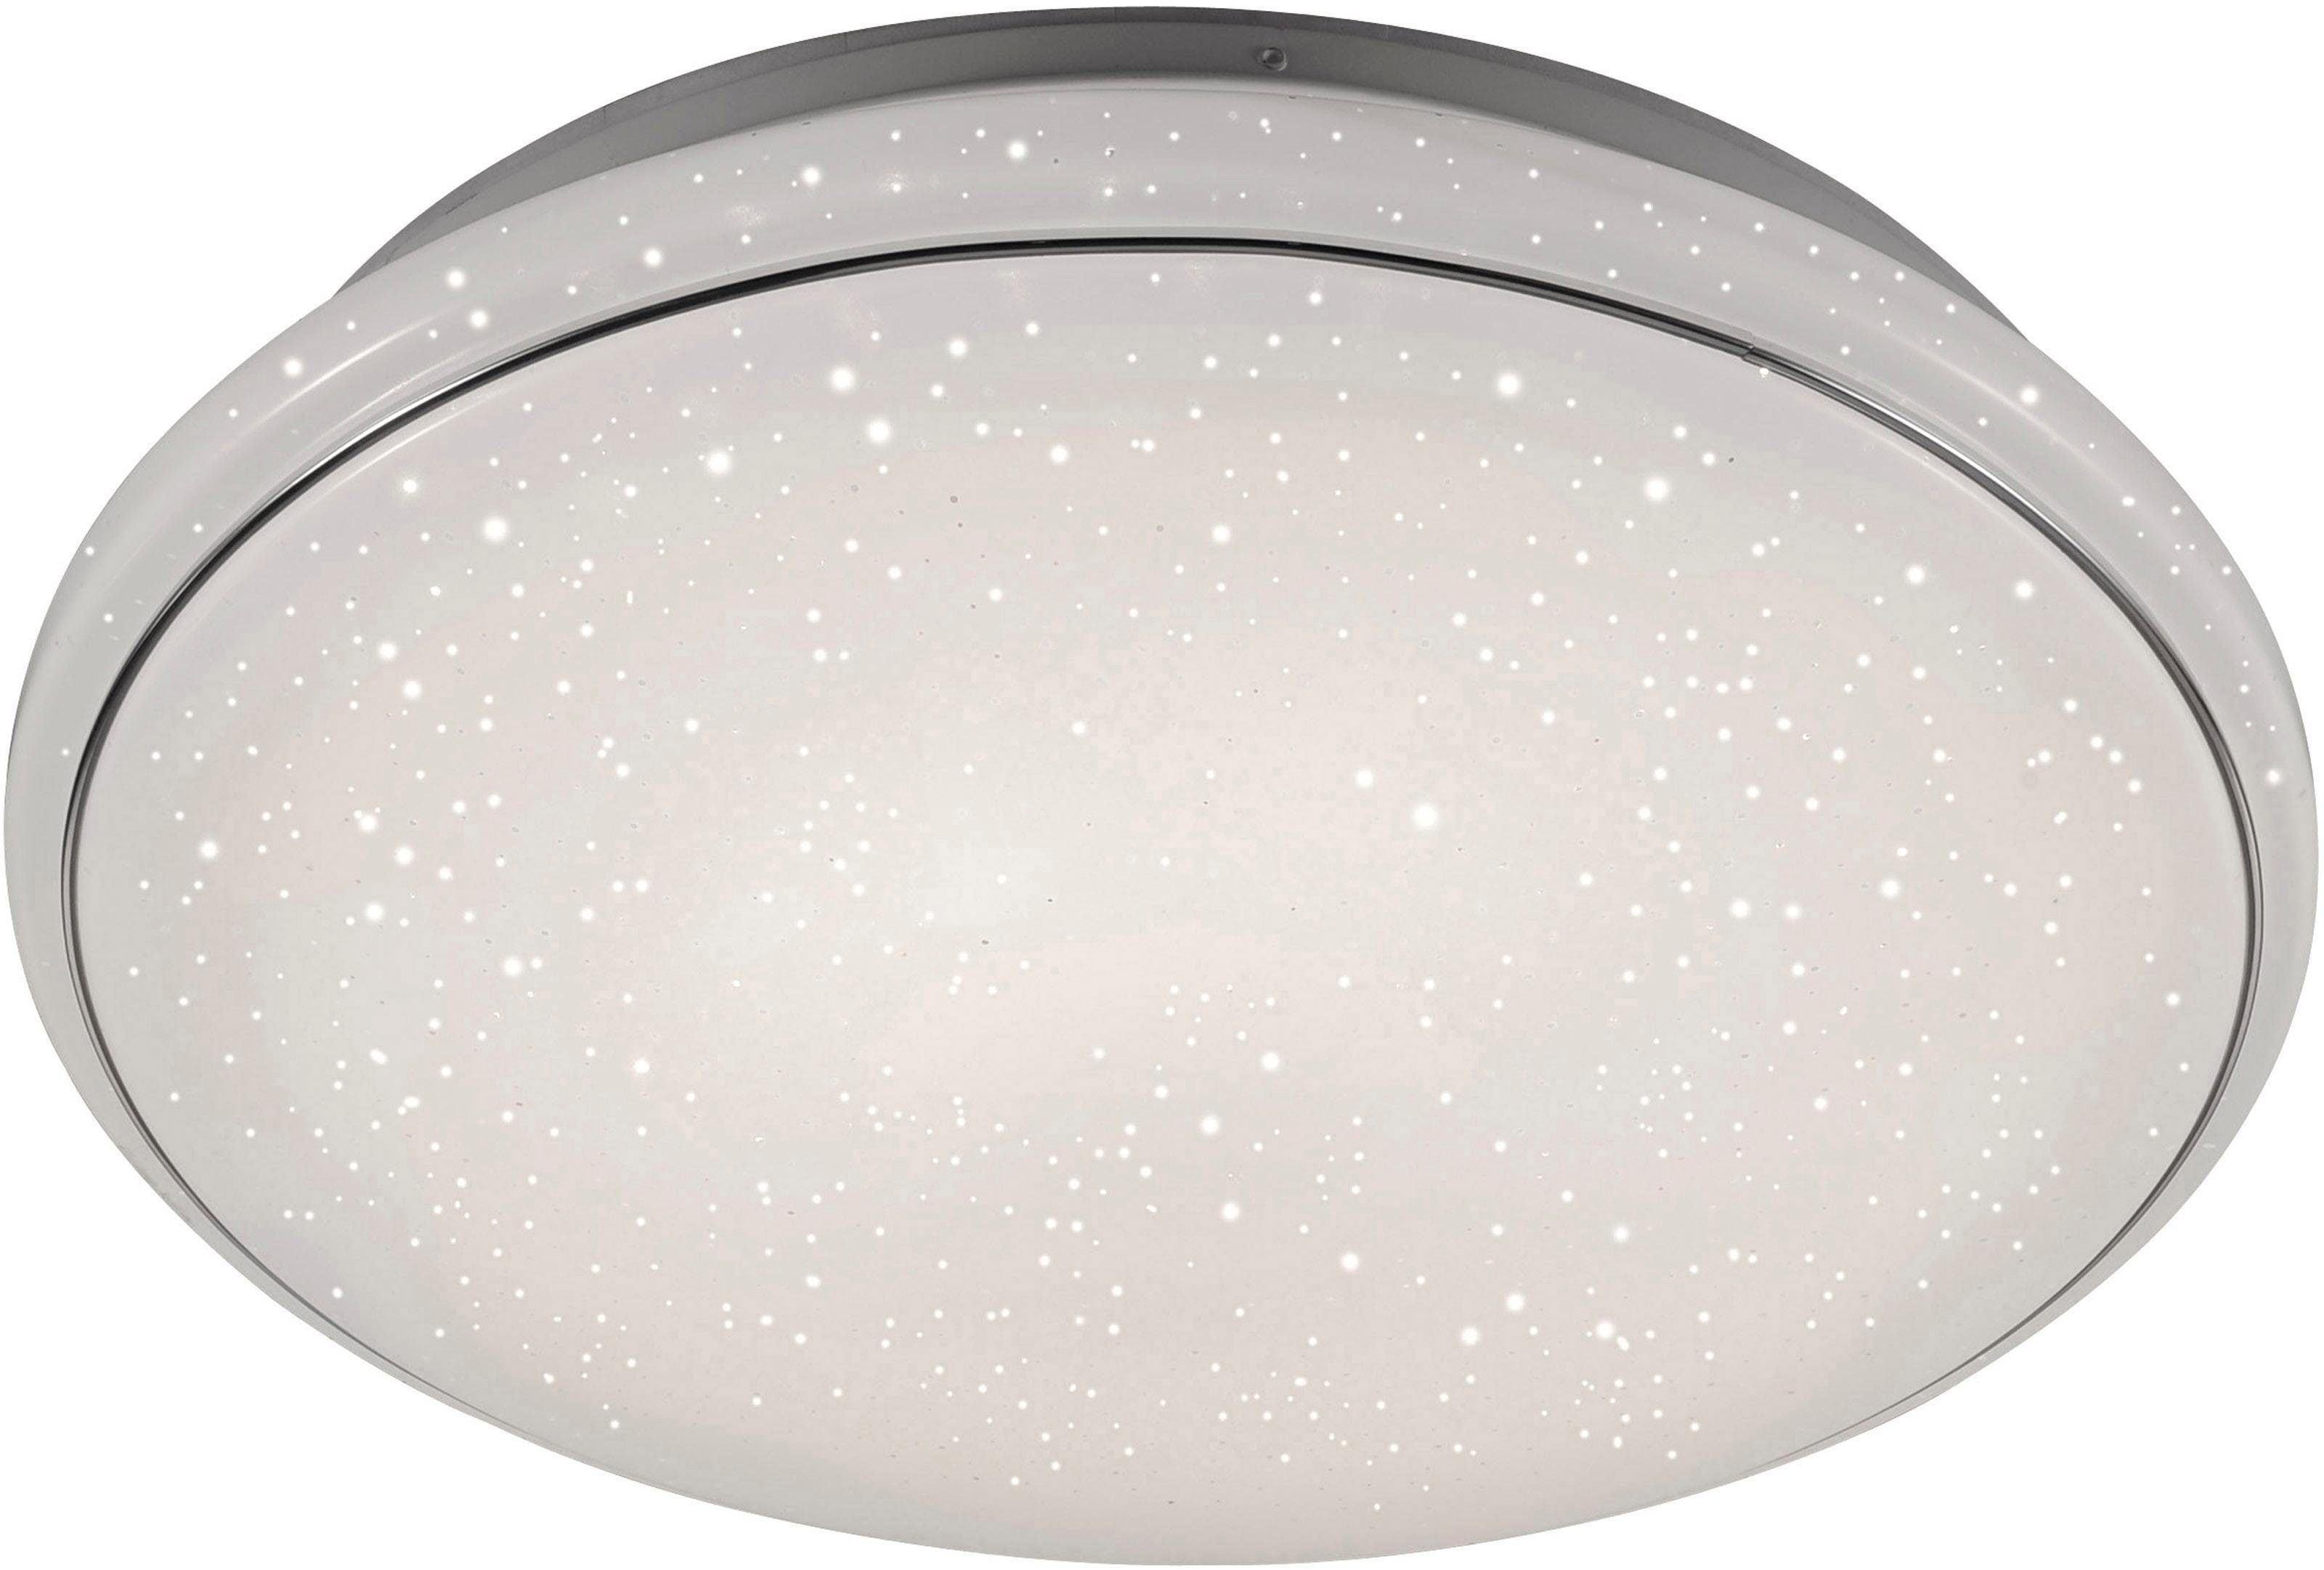 Leuchten Direkt Deckenleuchte JUPITER, LED-Board, 1 St., Warmweiß-Neutralweiß-Tageslichtweiß, CCT - Farbtemperaturregelung (verstellbar von 3000-5000K) Dimmbar über Fernbedienung Serienschalter Memoryfunktion, Ø 80 cm